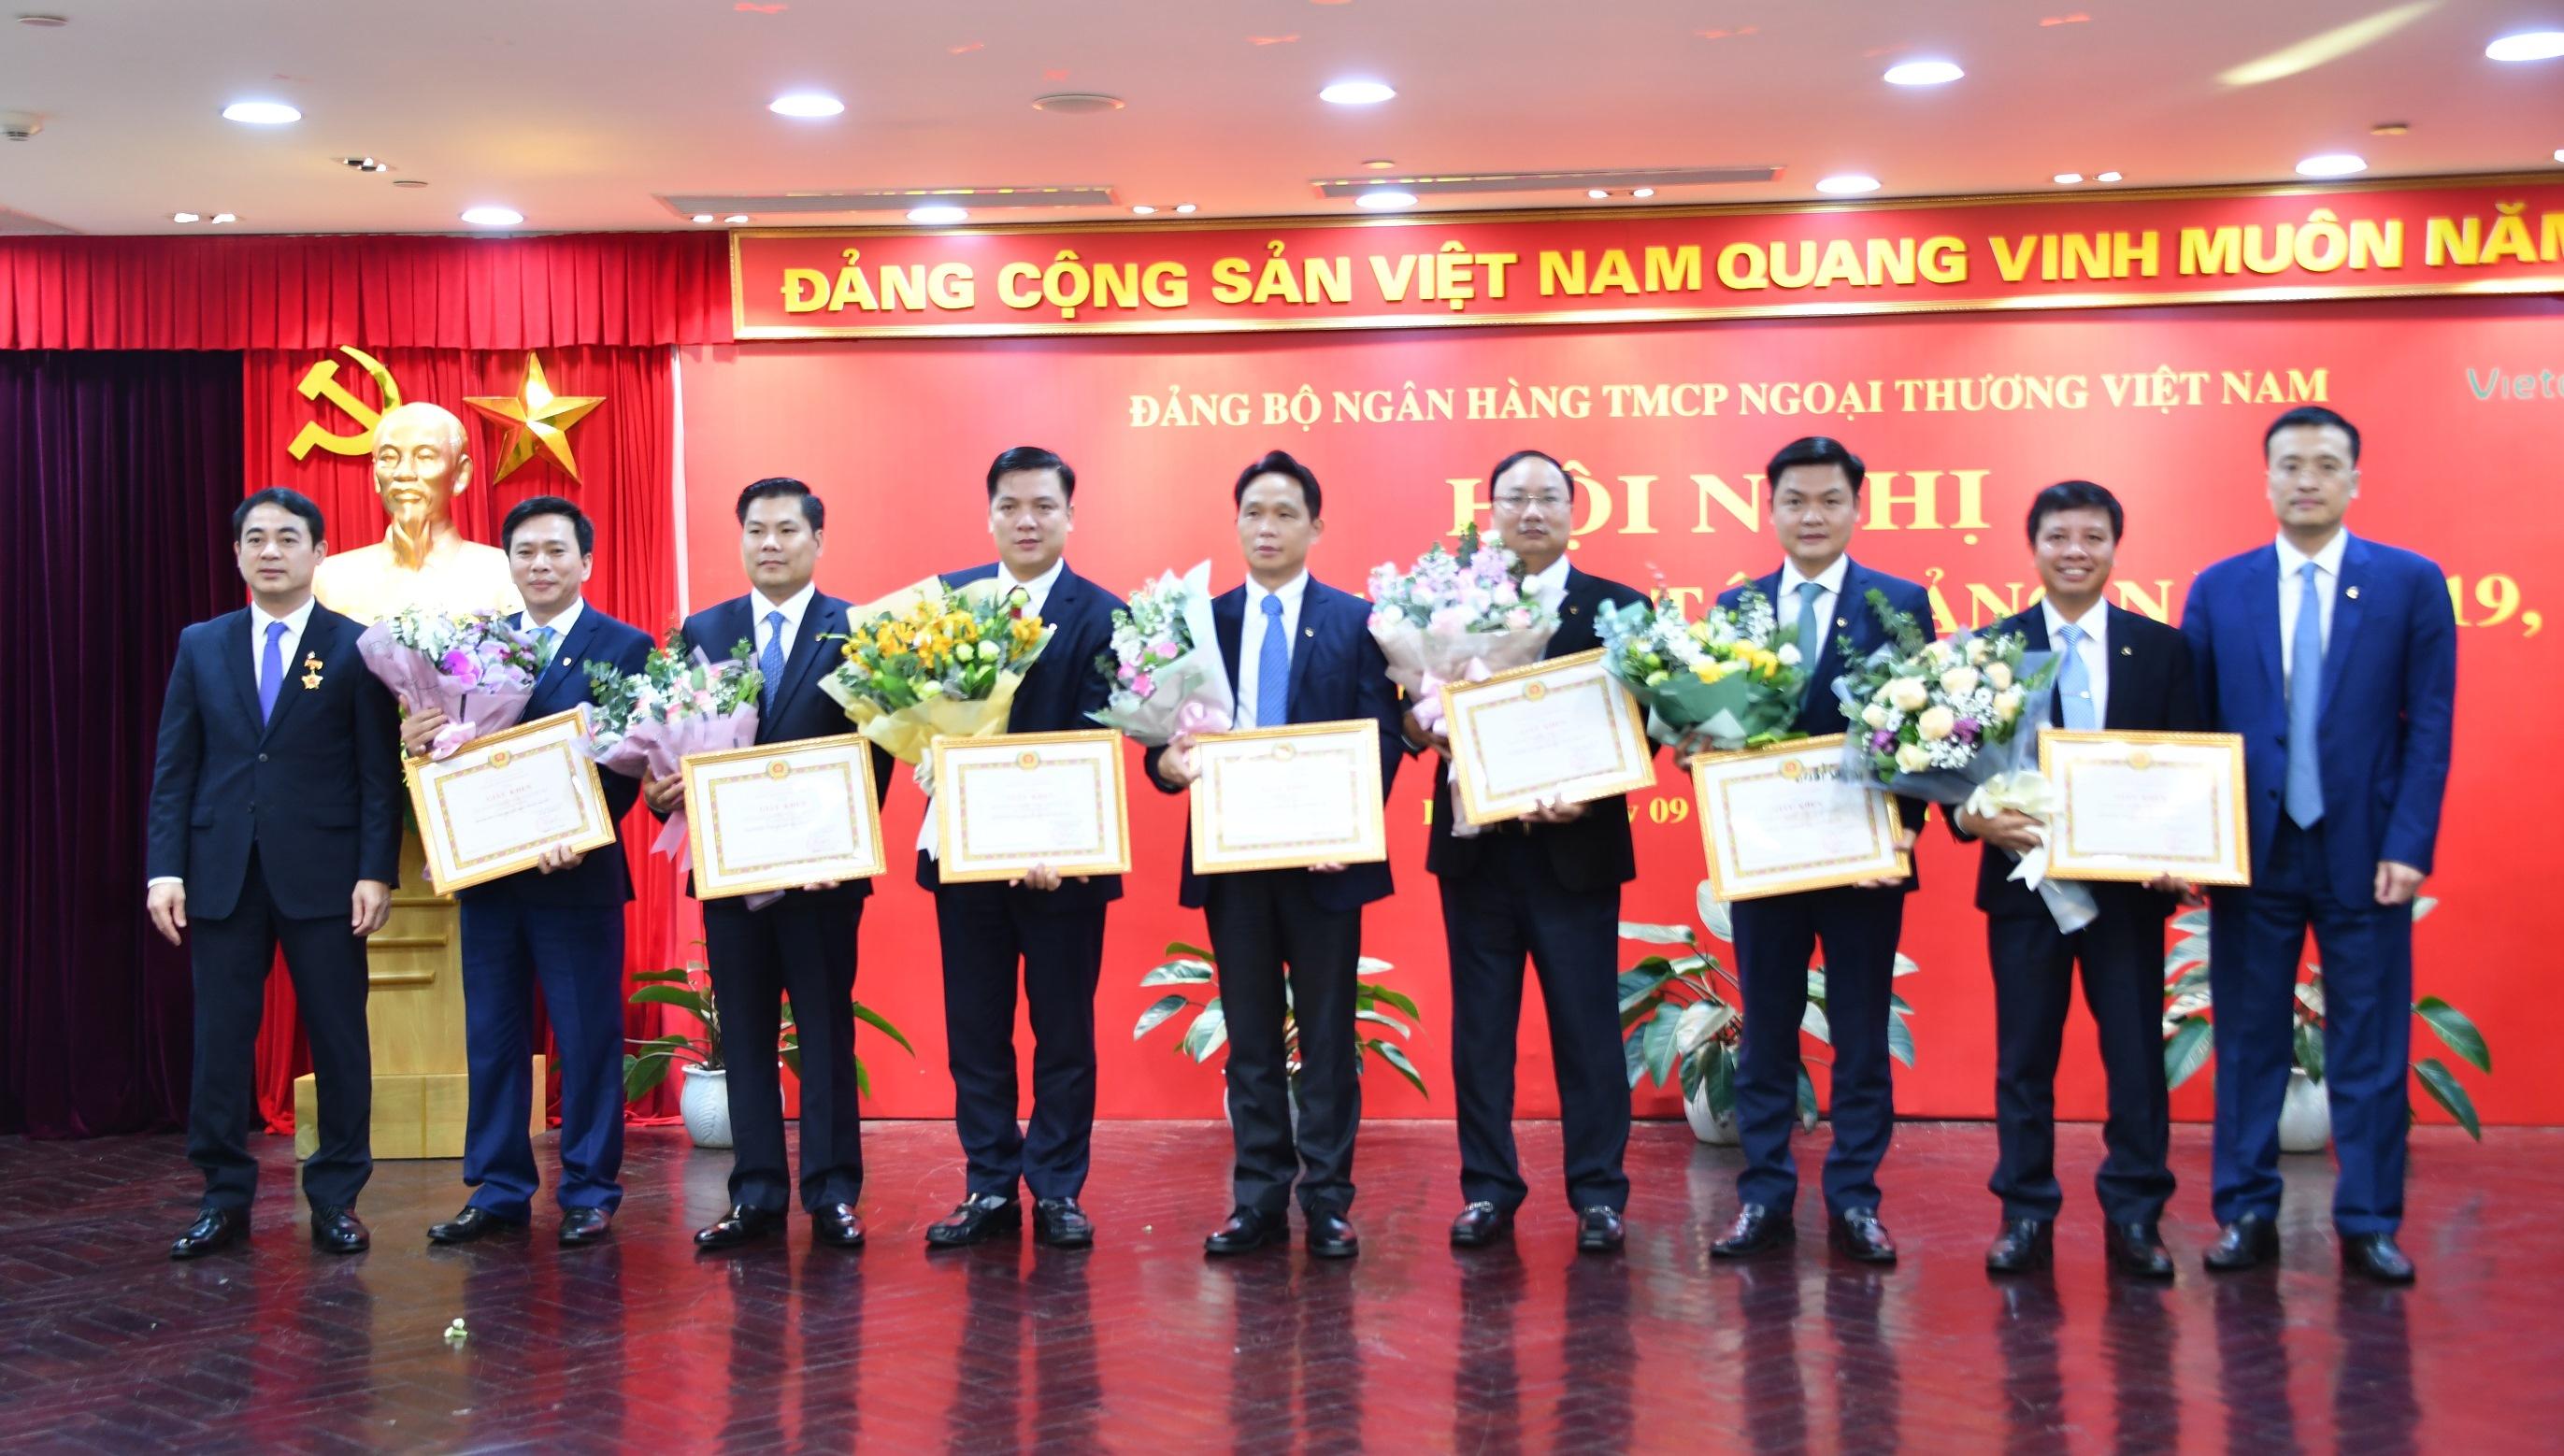 Gắn các phong trào thi đua, lao động giỏi với đẩy mạnh học tập và làm theo tấm gương đạo đức Hồ Chí Minh